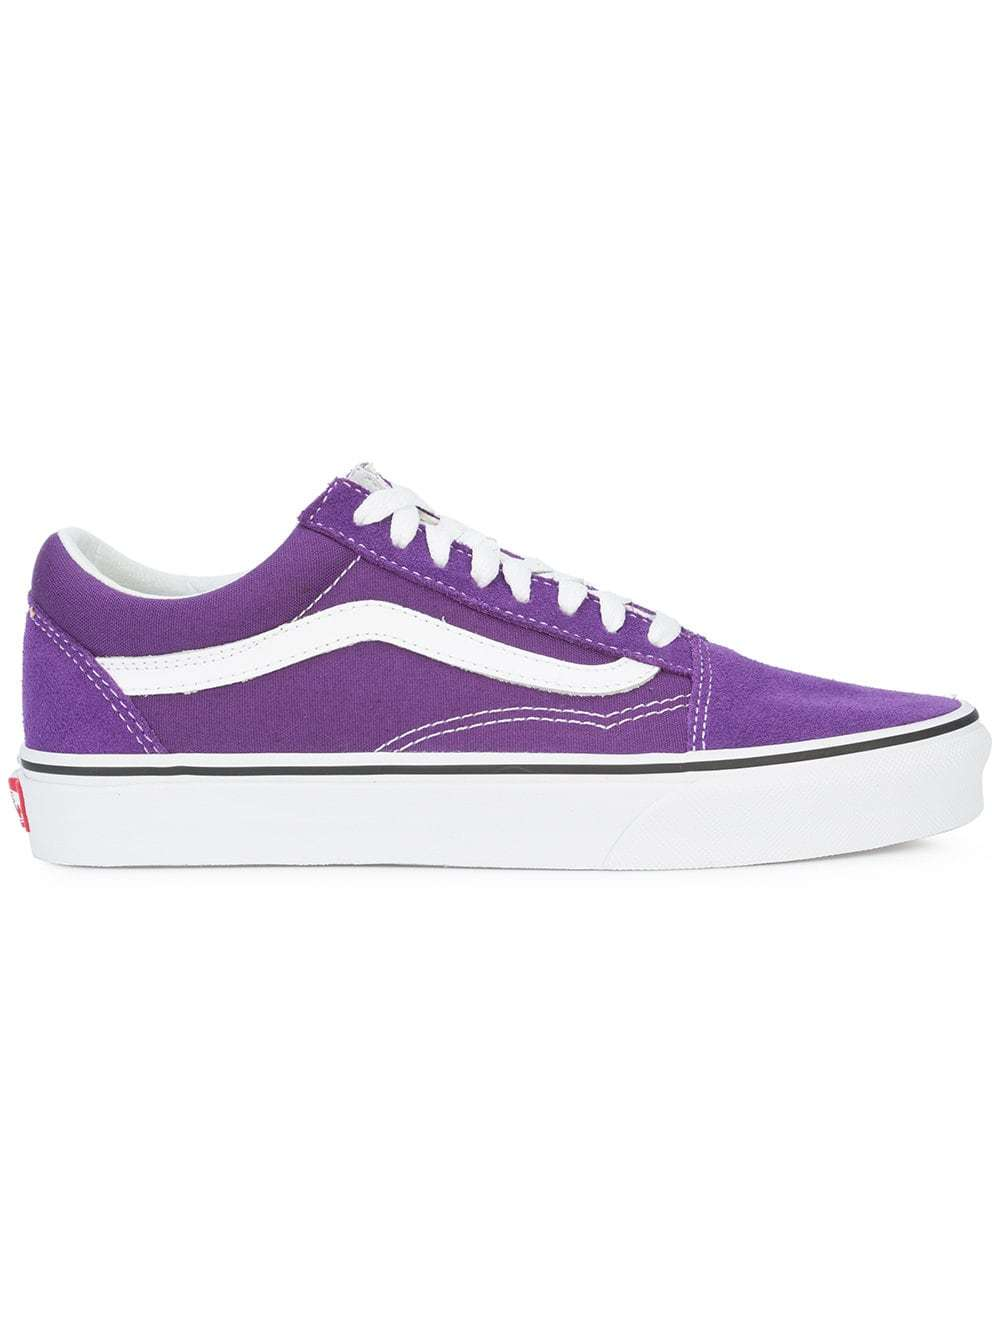 Vans Old Skool low top sneakers purple | MODES